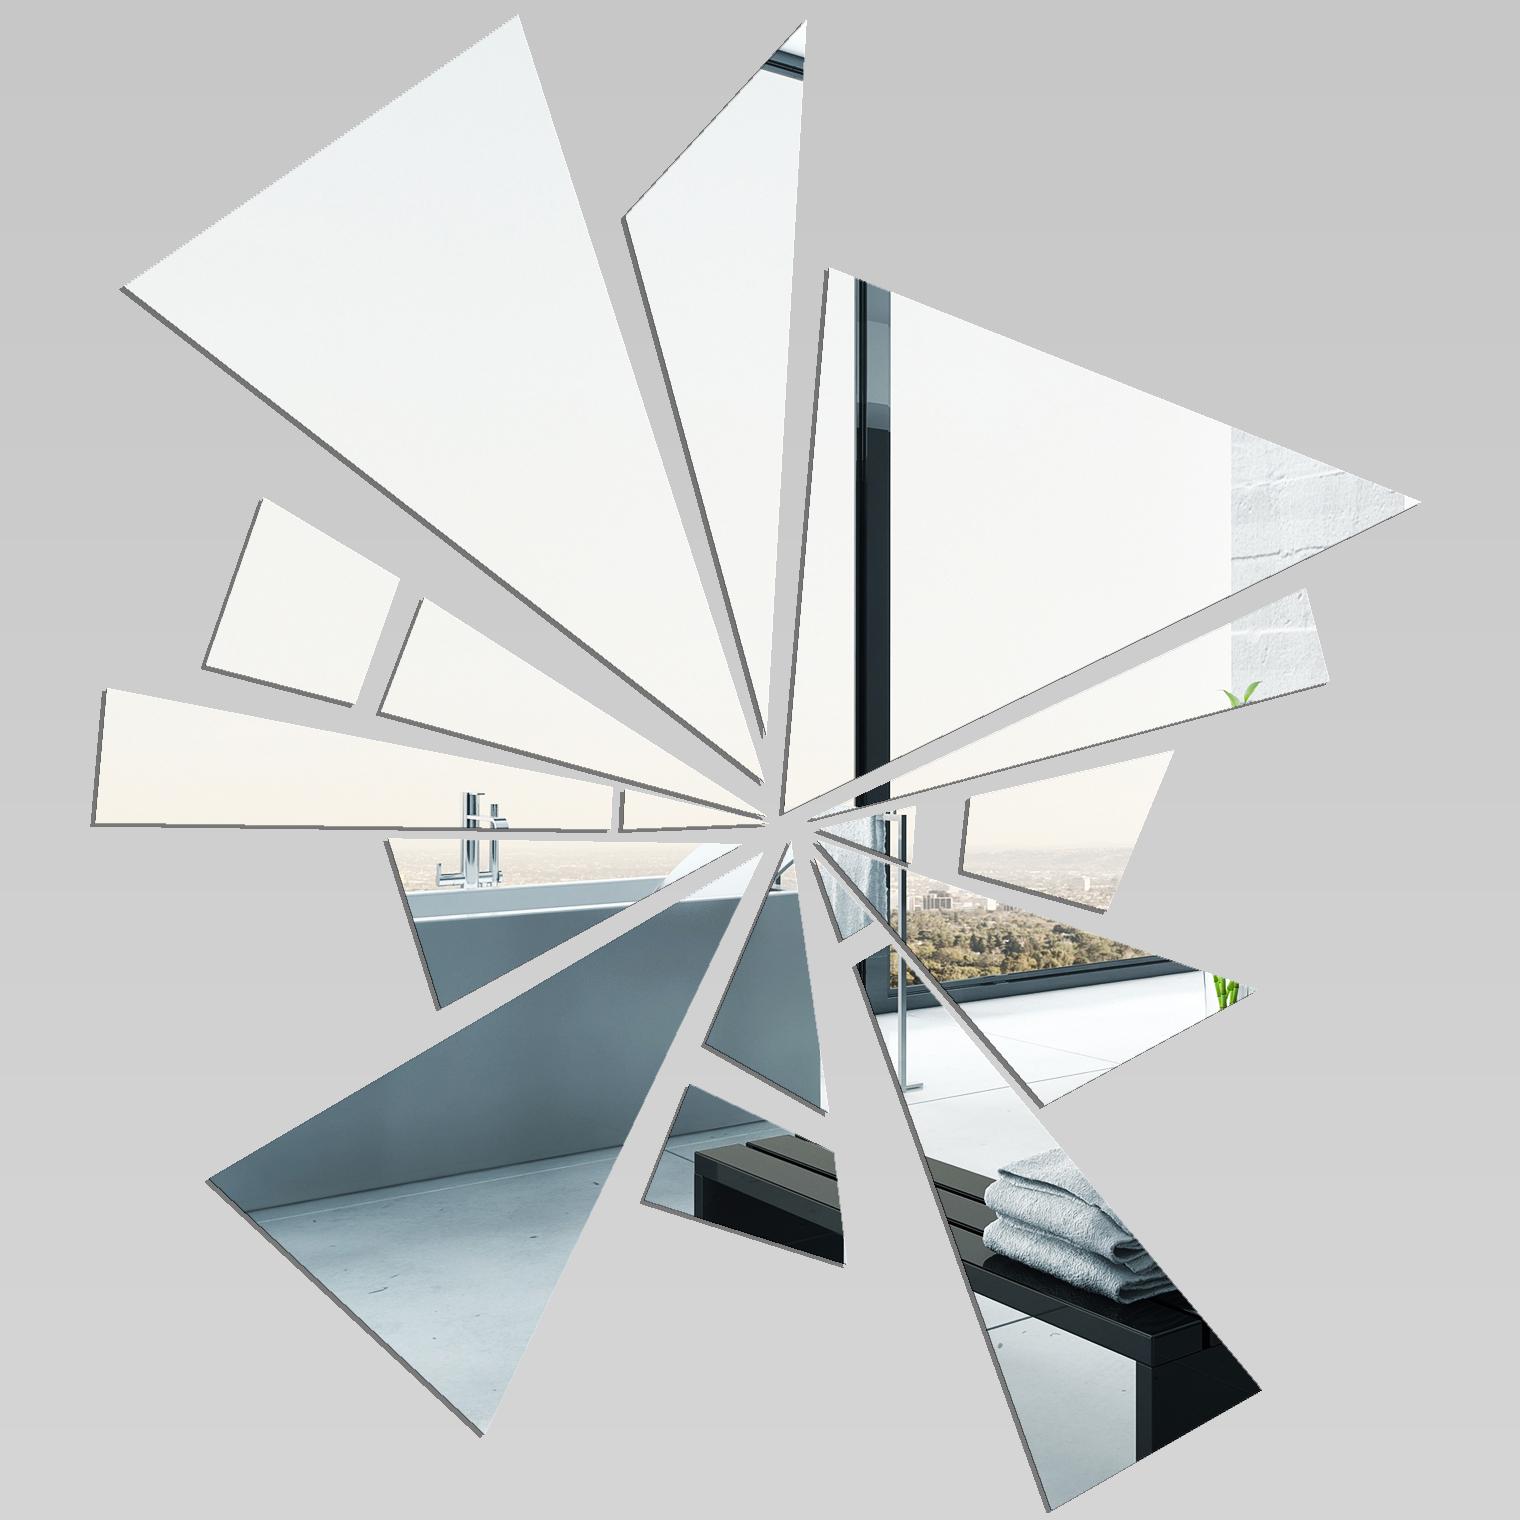 Adesivi follia specchio acrilico plexiglass astratto - Specchio plexiglass prezzi ...